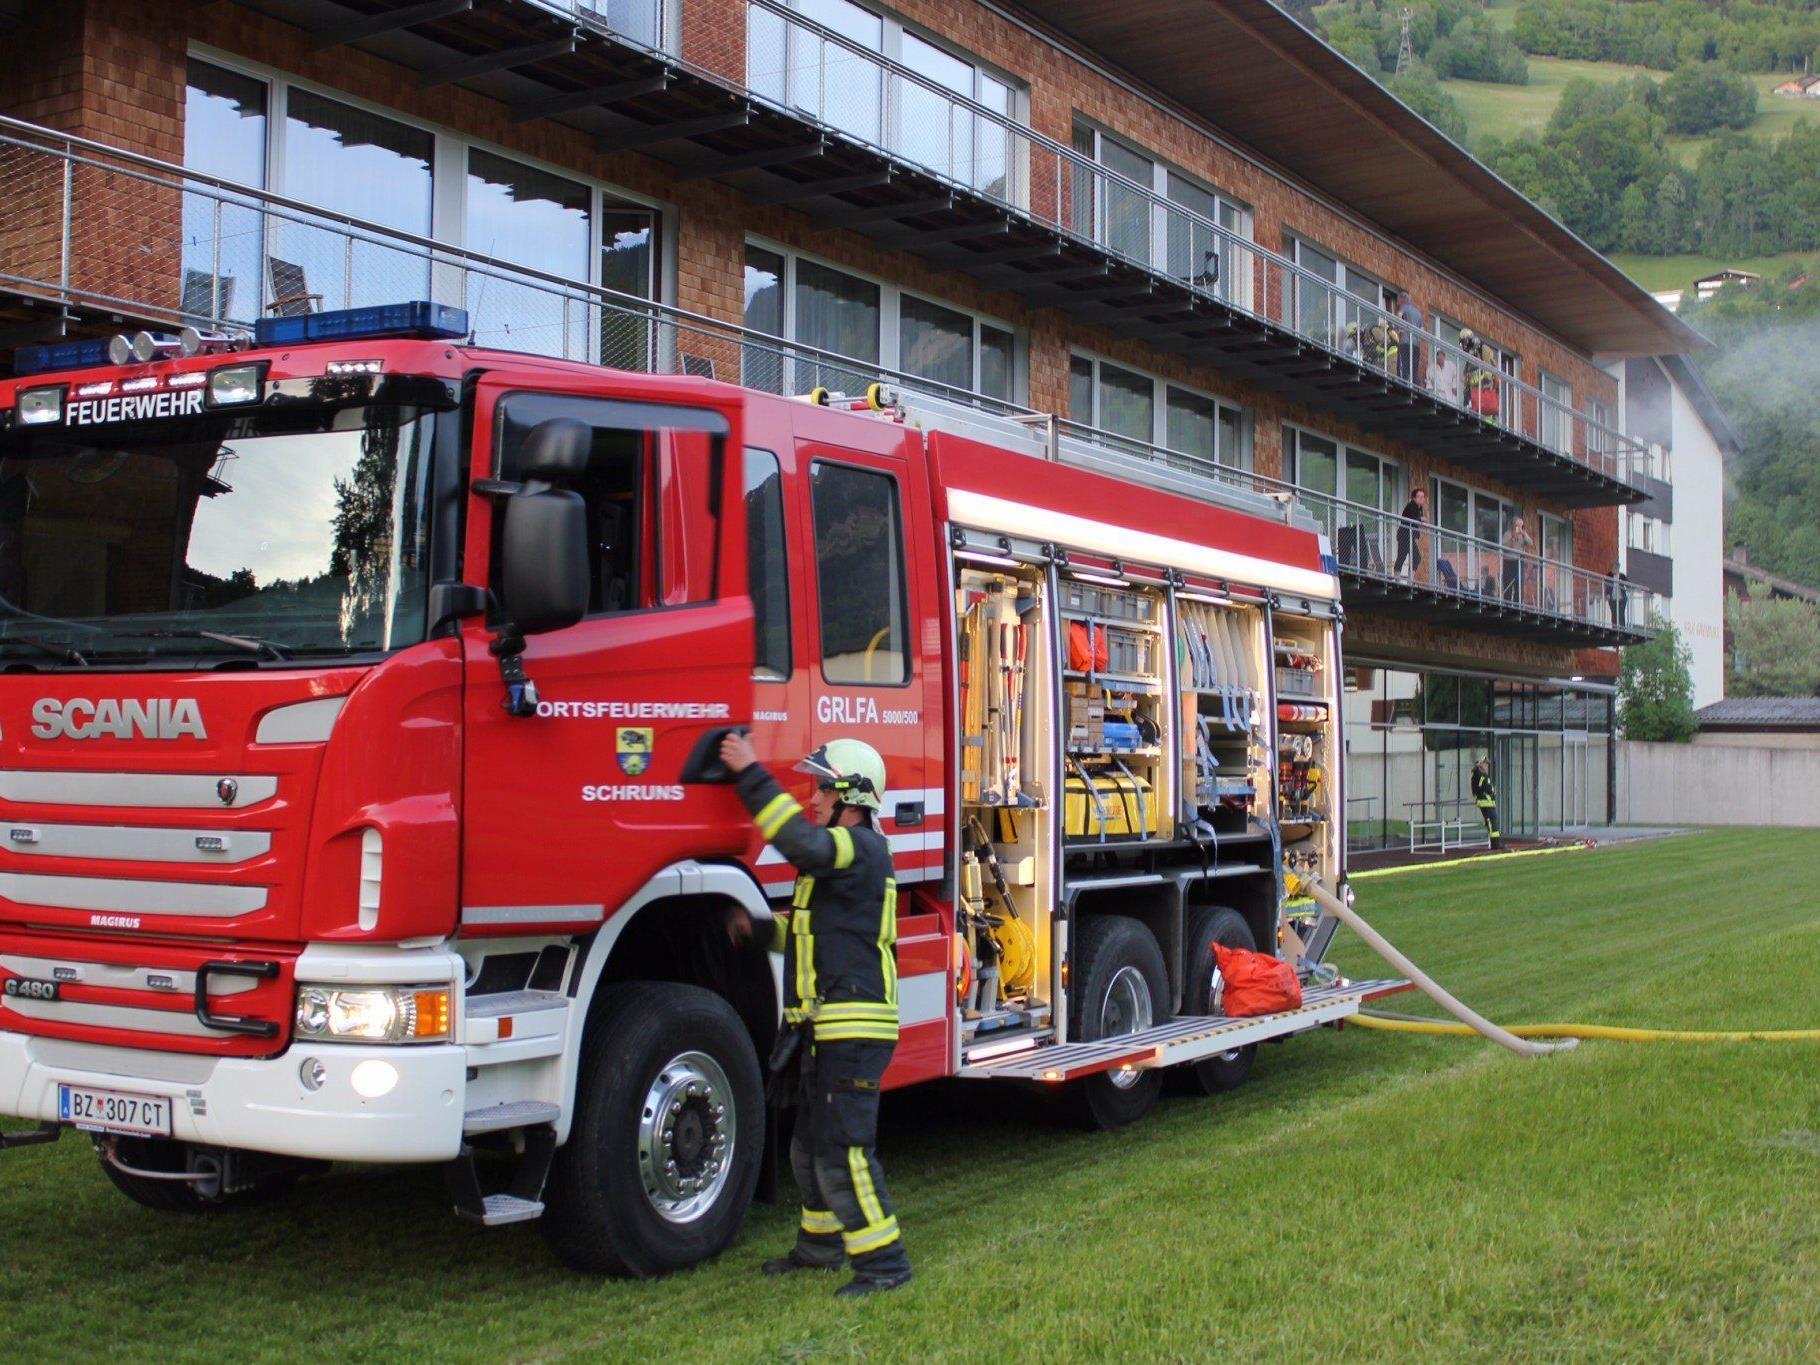 Am Dienstagabend, den 20. Mai 2014, wurde in der Rehabilitationsklinik in Schruns eine Brandschutzübung durchgeführt.